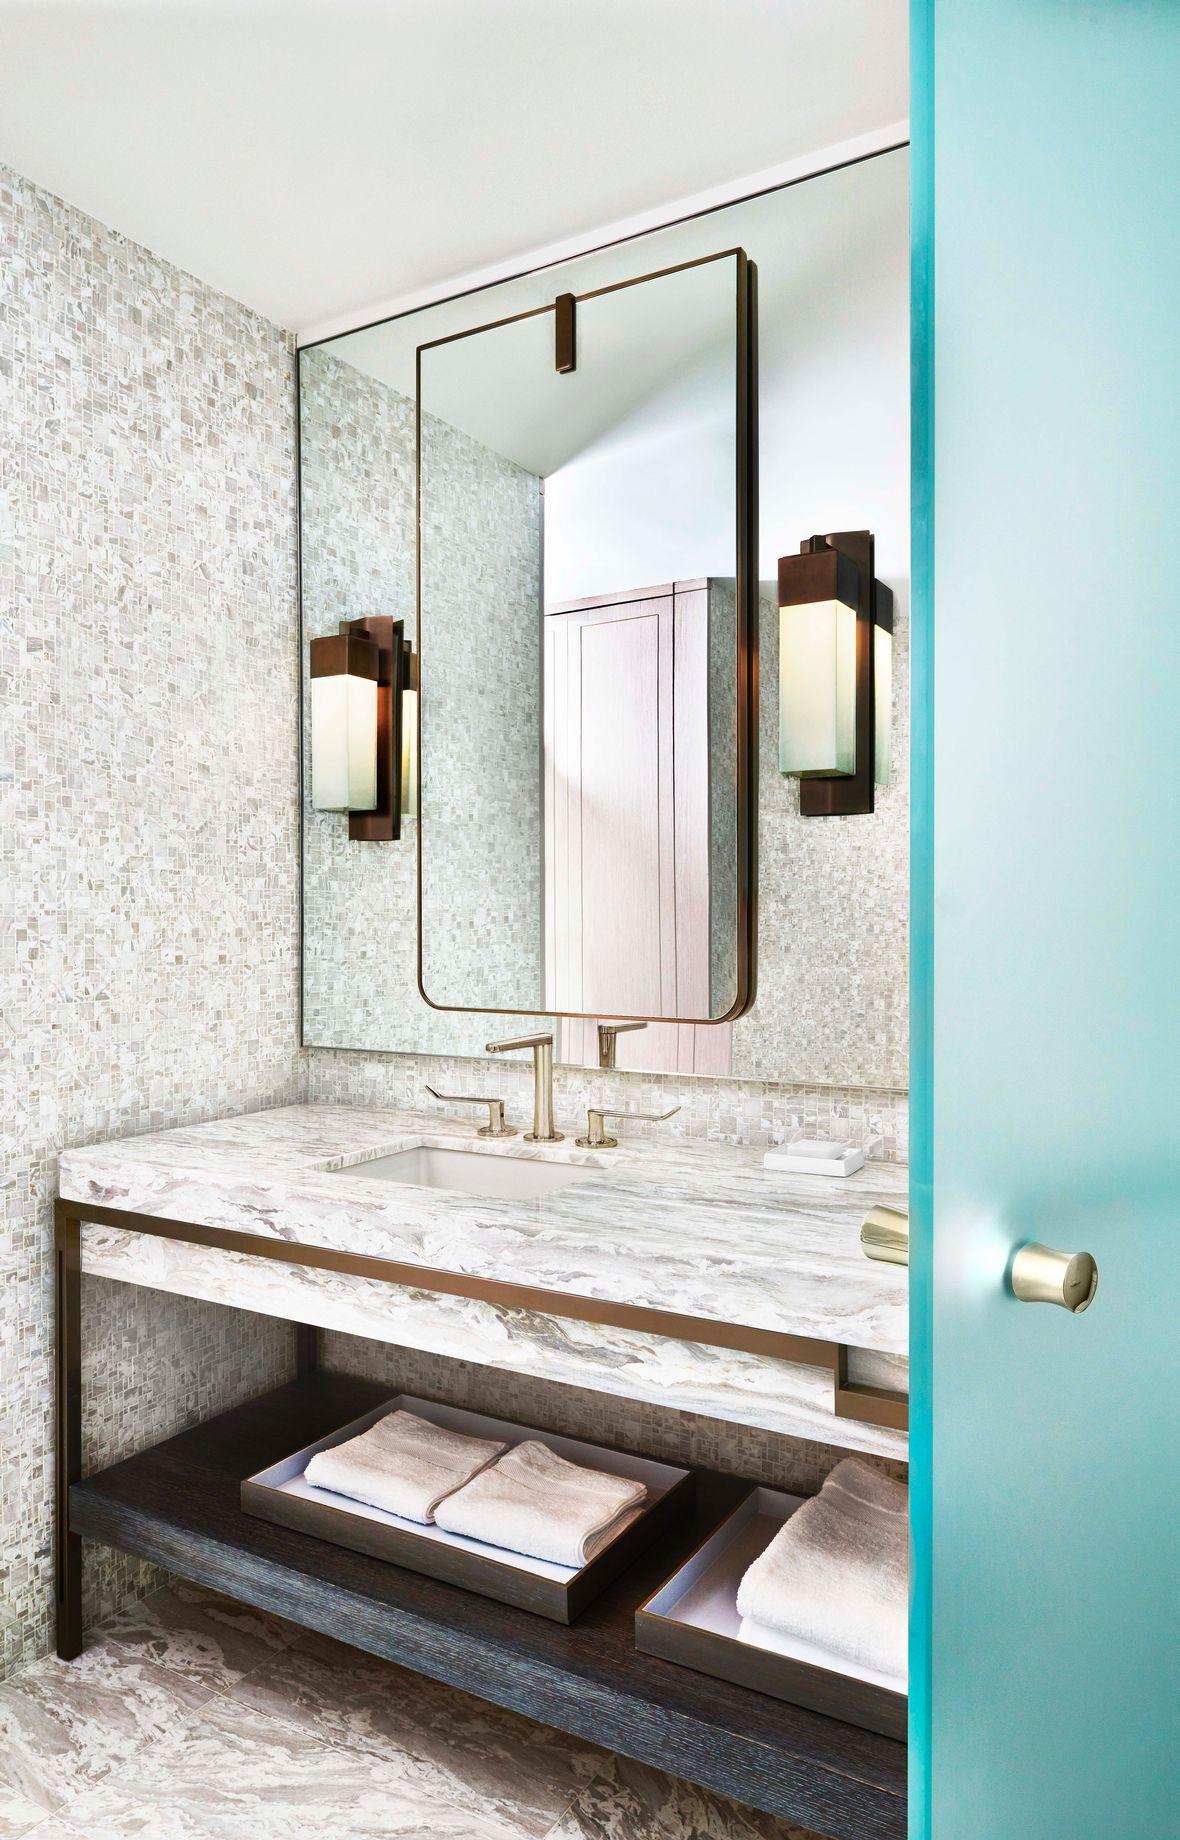 Bathroom mirror ideas diy for a small bathroom modern wall